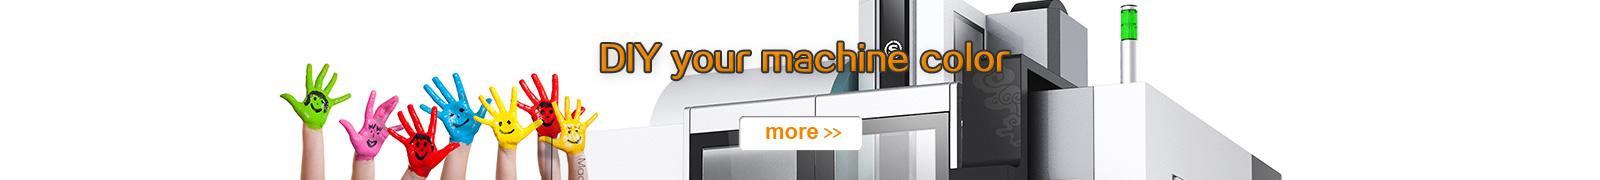 DIY your machine color